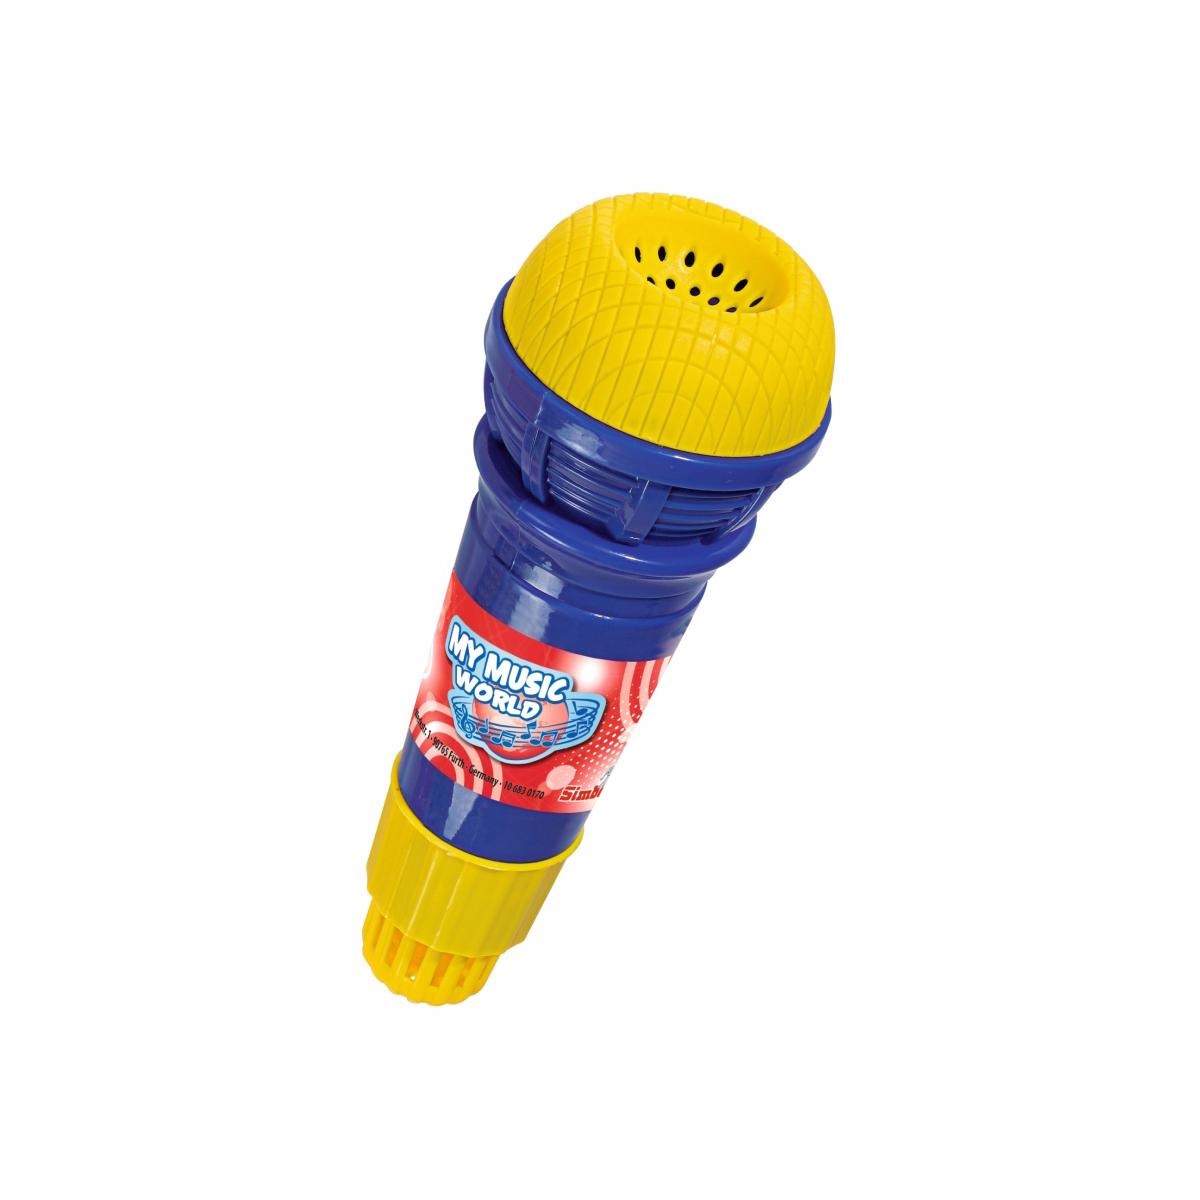 Microfon cu ecou Simba, 24 cm, albastru/galben